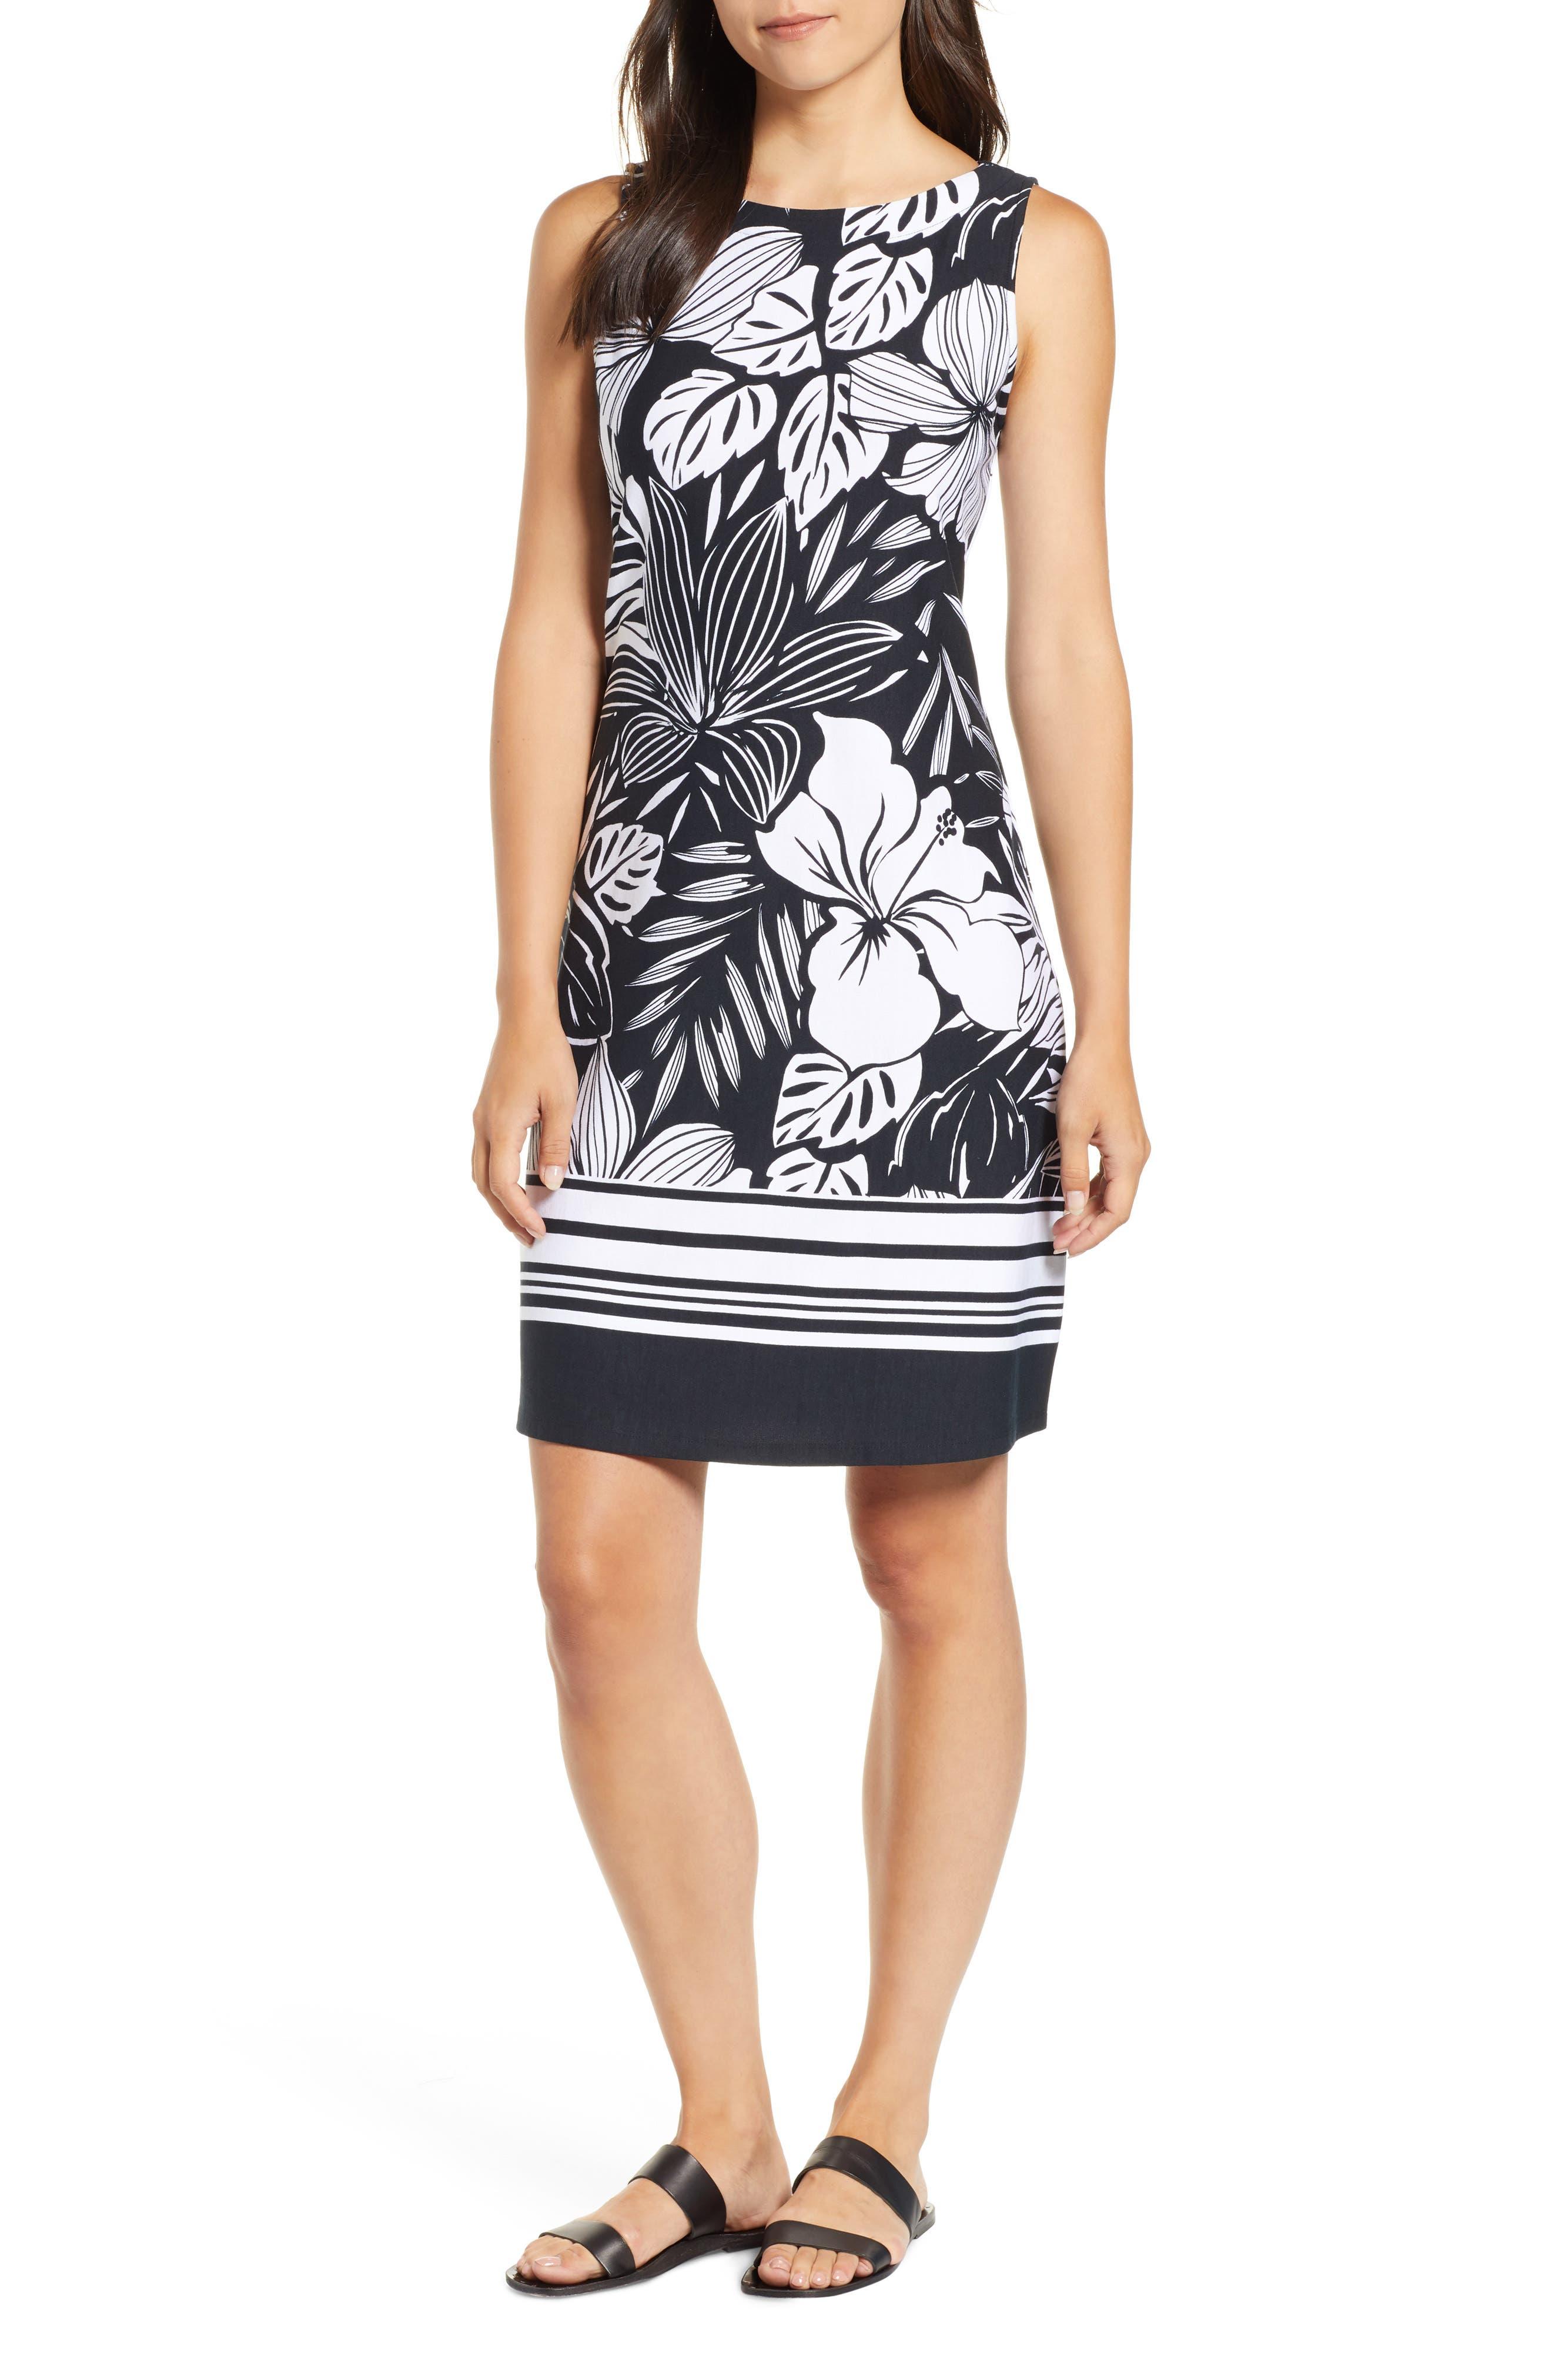 TOMMY BAHAMA,                             Mahana Beach Sheath Dress,                             Main thumbnail 1, color,                             BLACK